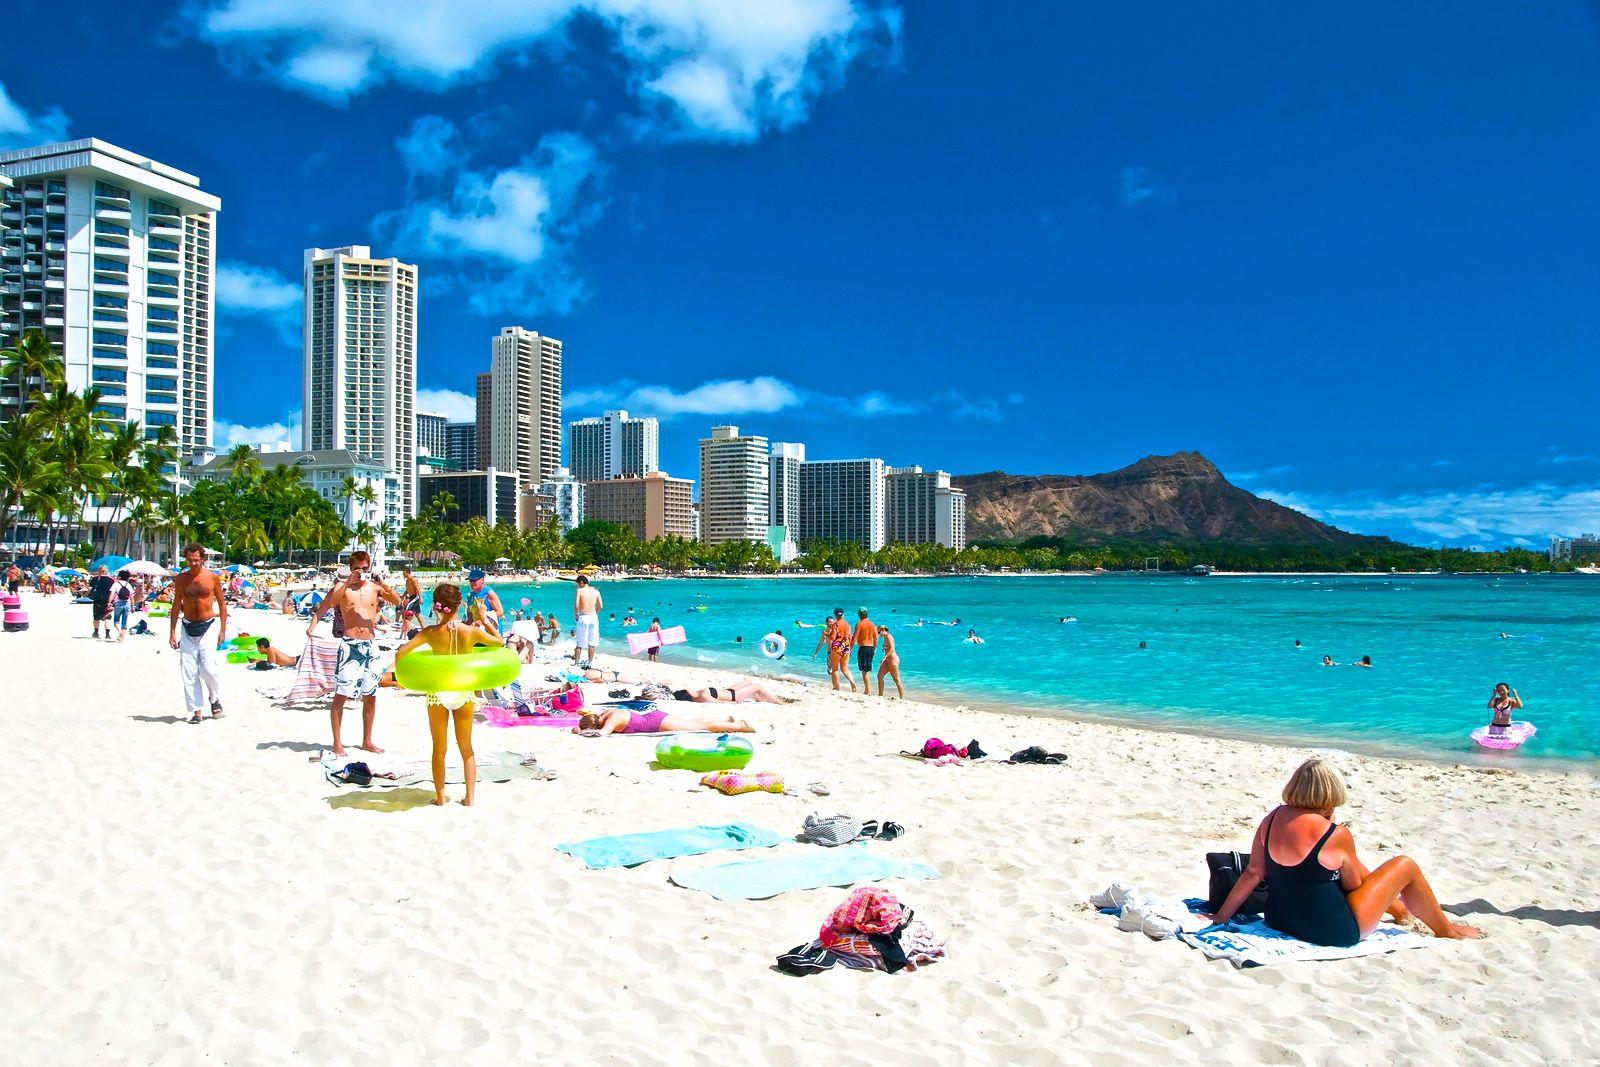 Waikiki Beach Wallpaper Hd: Waikiki Beach Wallpaper